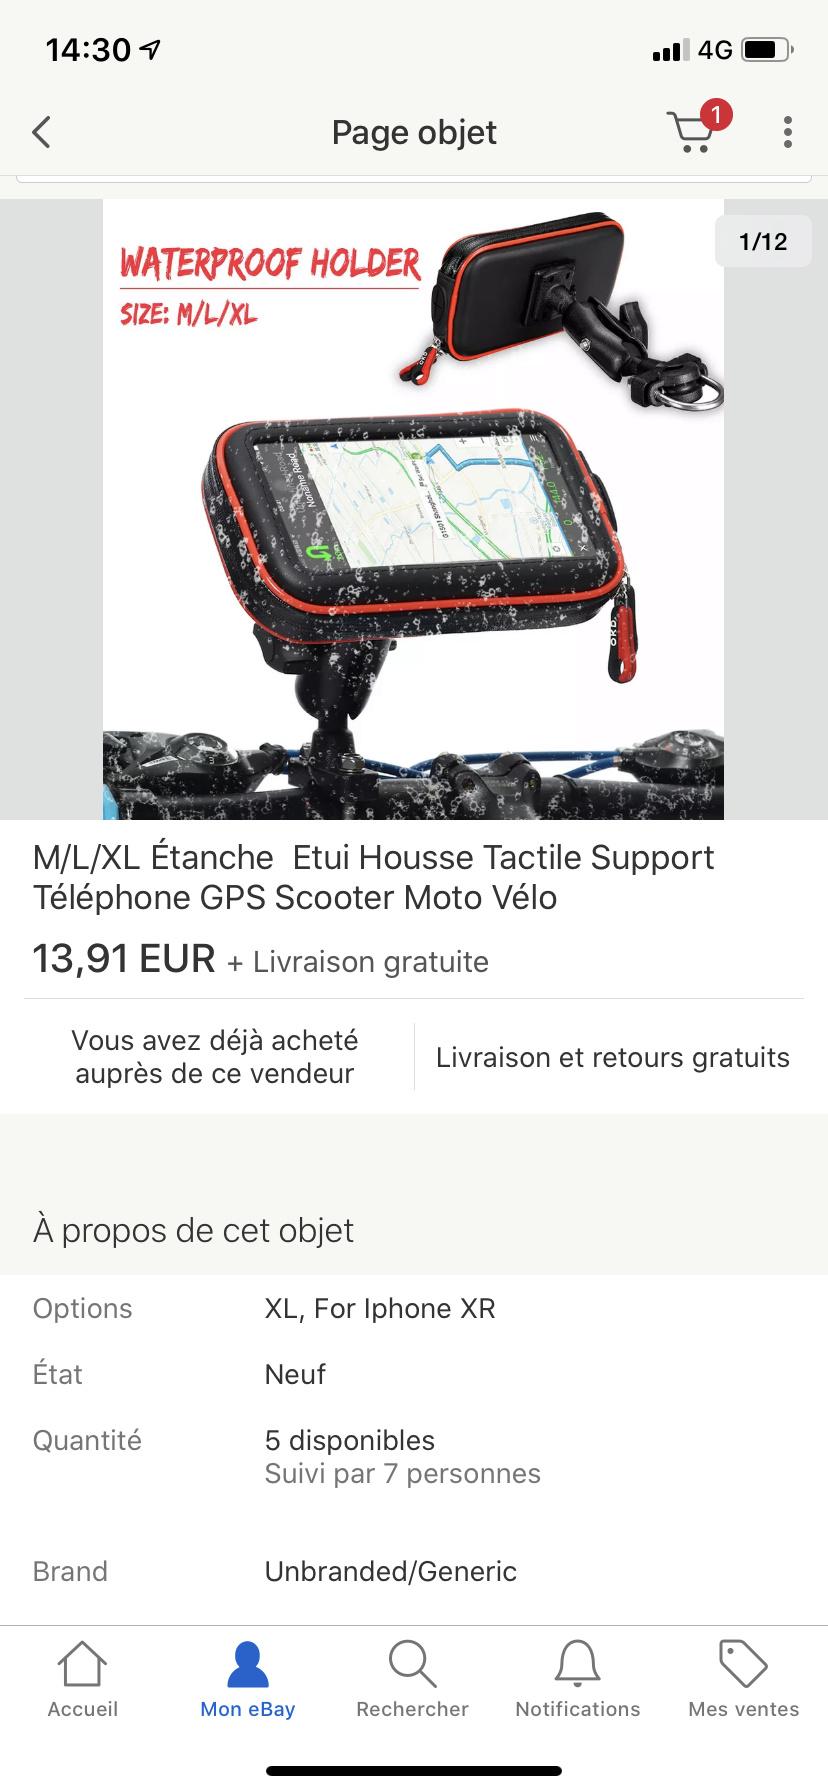 Support pour smartphone étanche A3156310